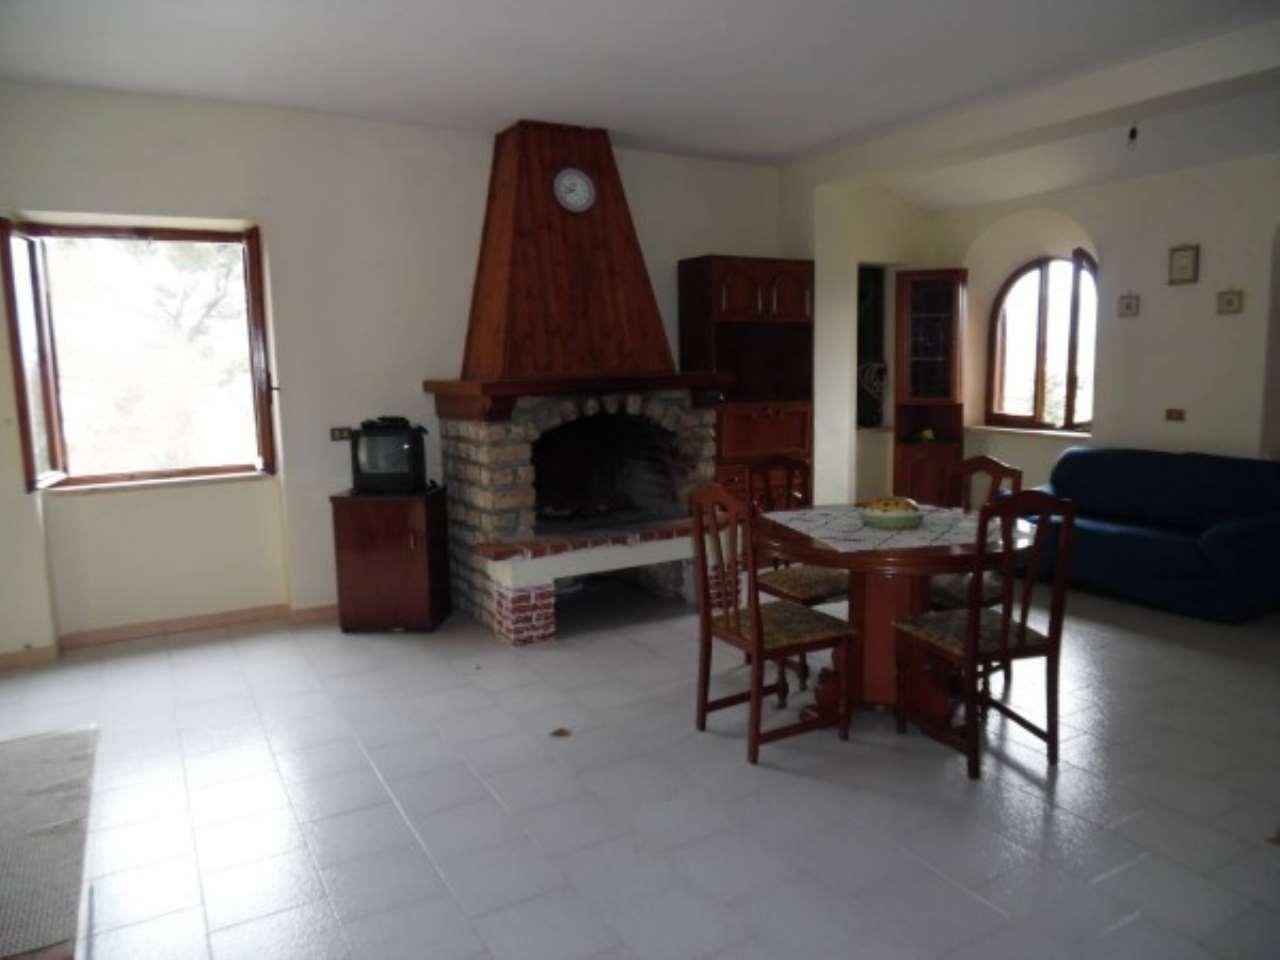 Rustico / Casale in vendita a Contigliano, 5 locali, prezzo € 170.000 | Cambio Casa.it